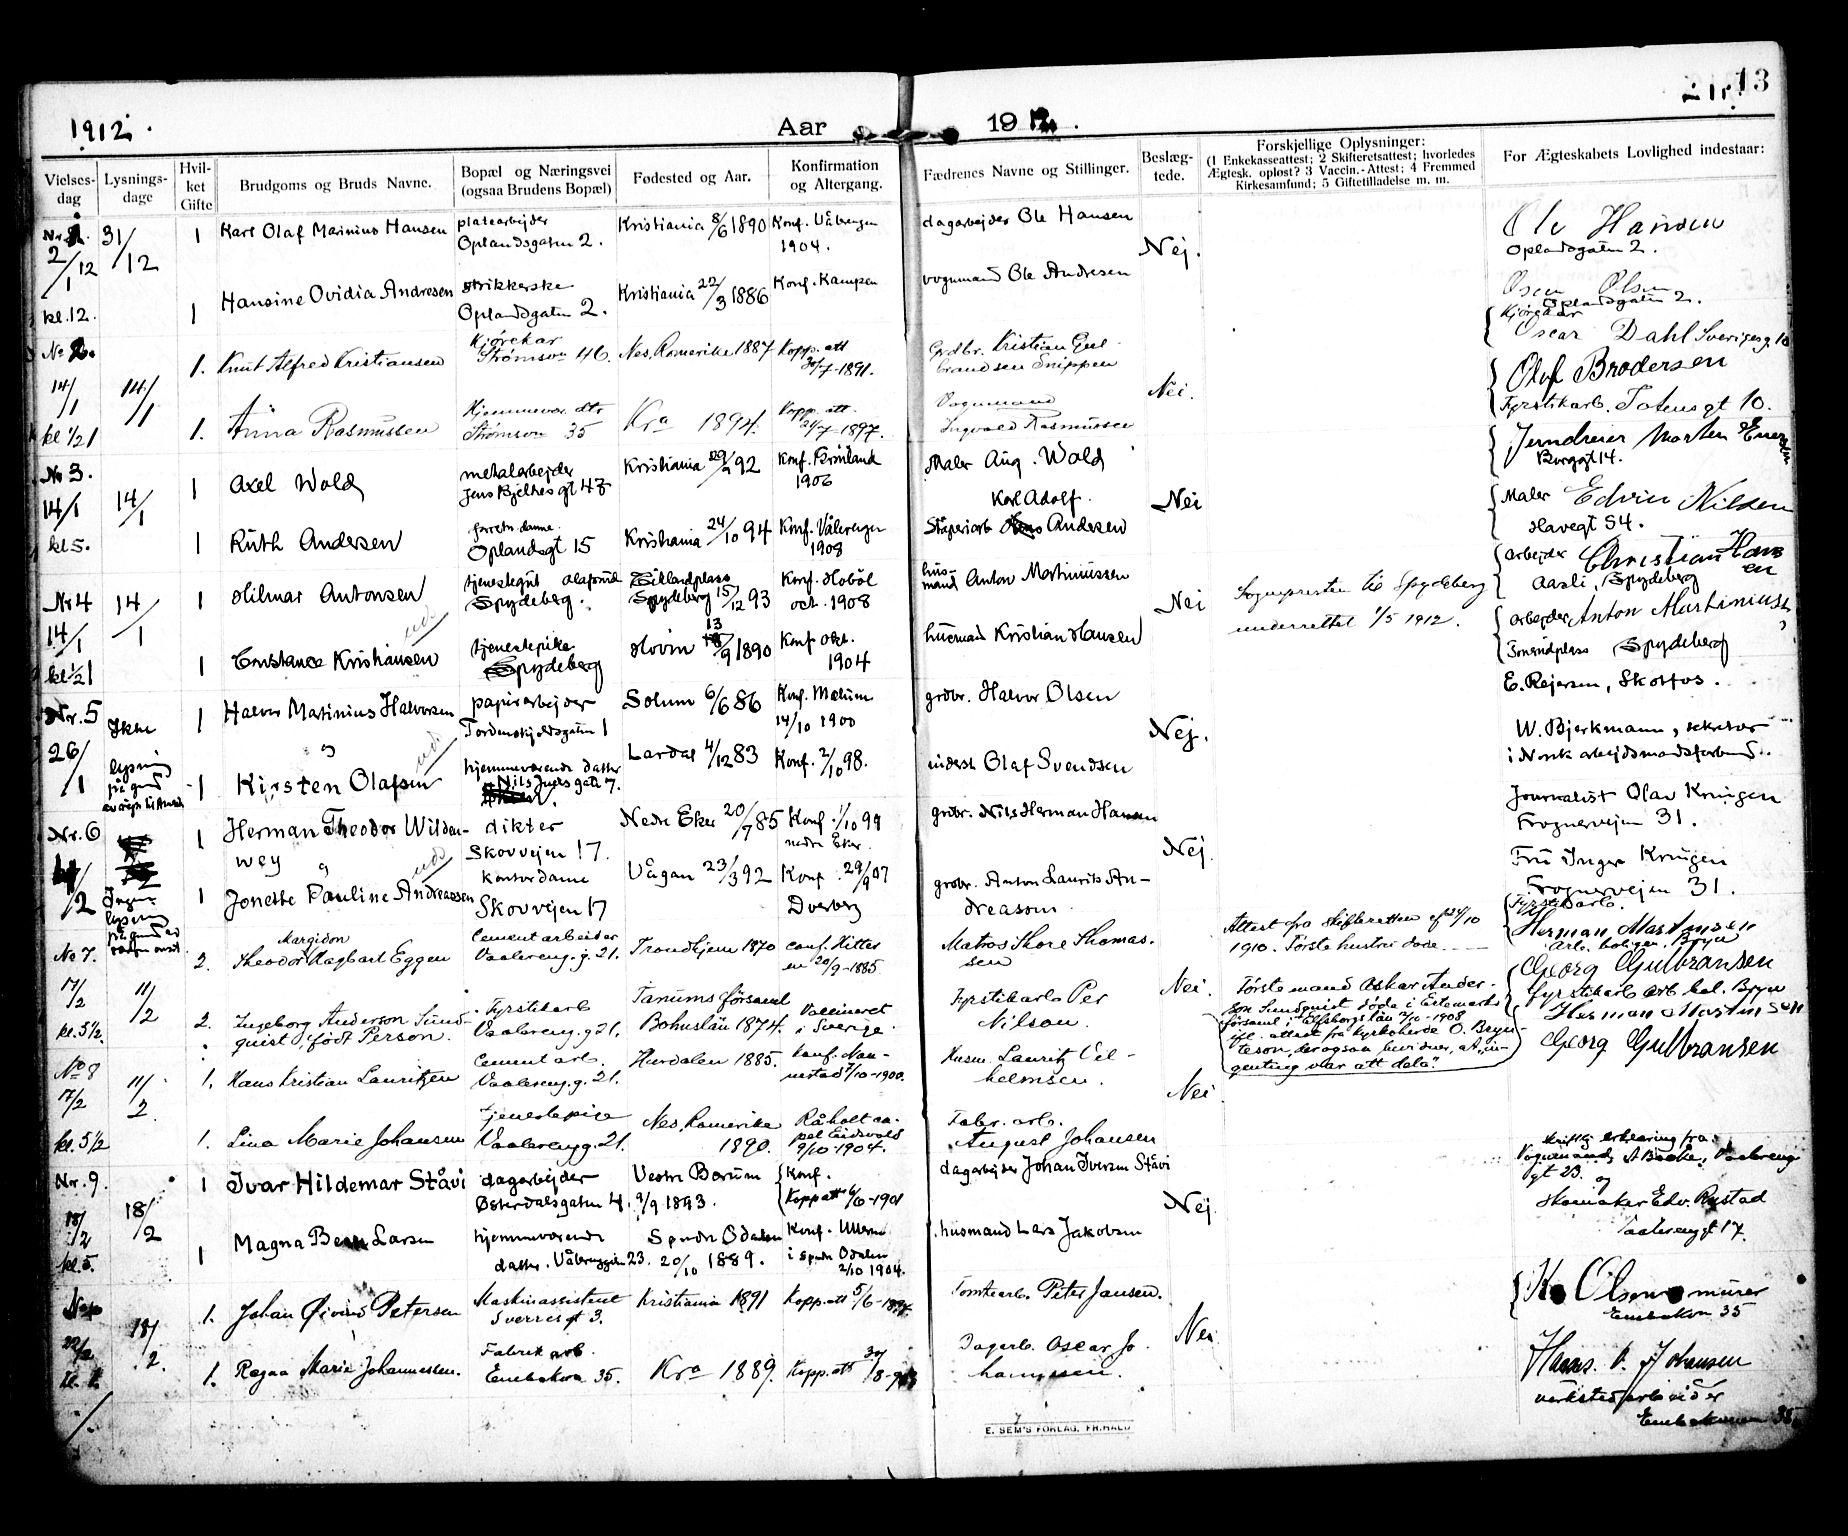 SAO, Vålerengen prestekontor Kirkebøker, H/Ha/L0002: Lysningsprotokoll nr. 2, 1910-1918, s. 13